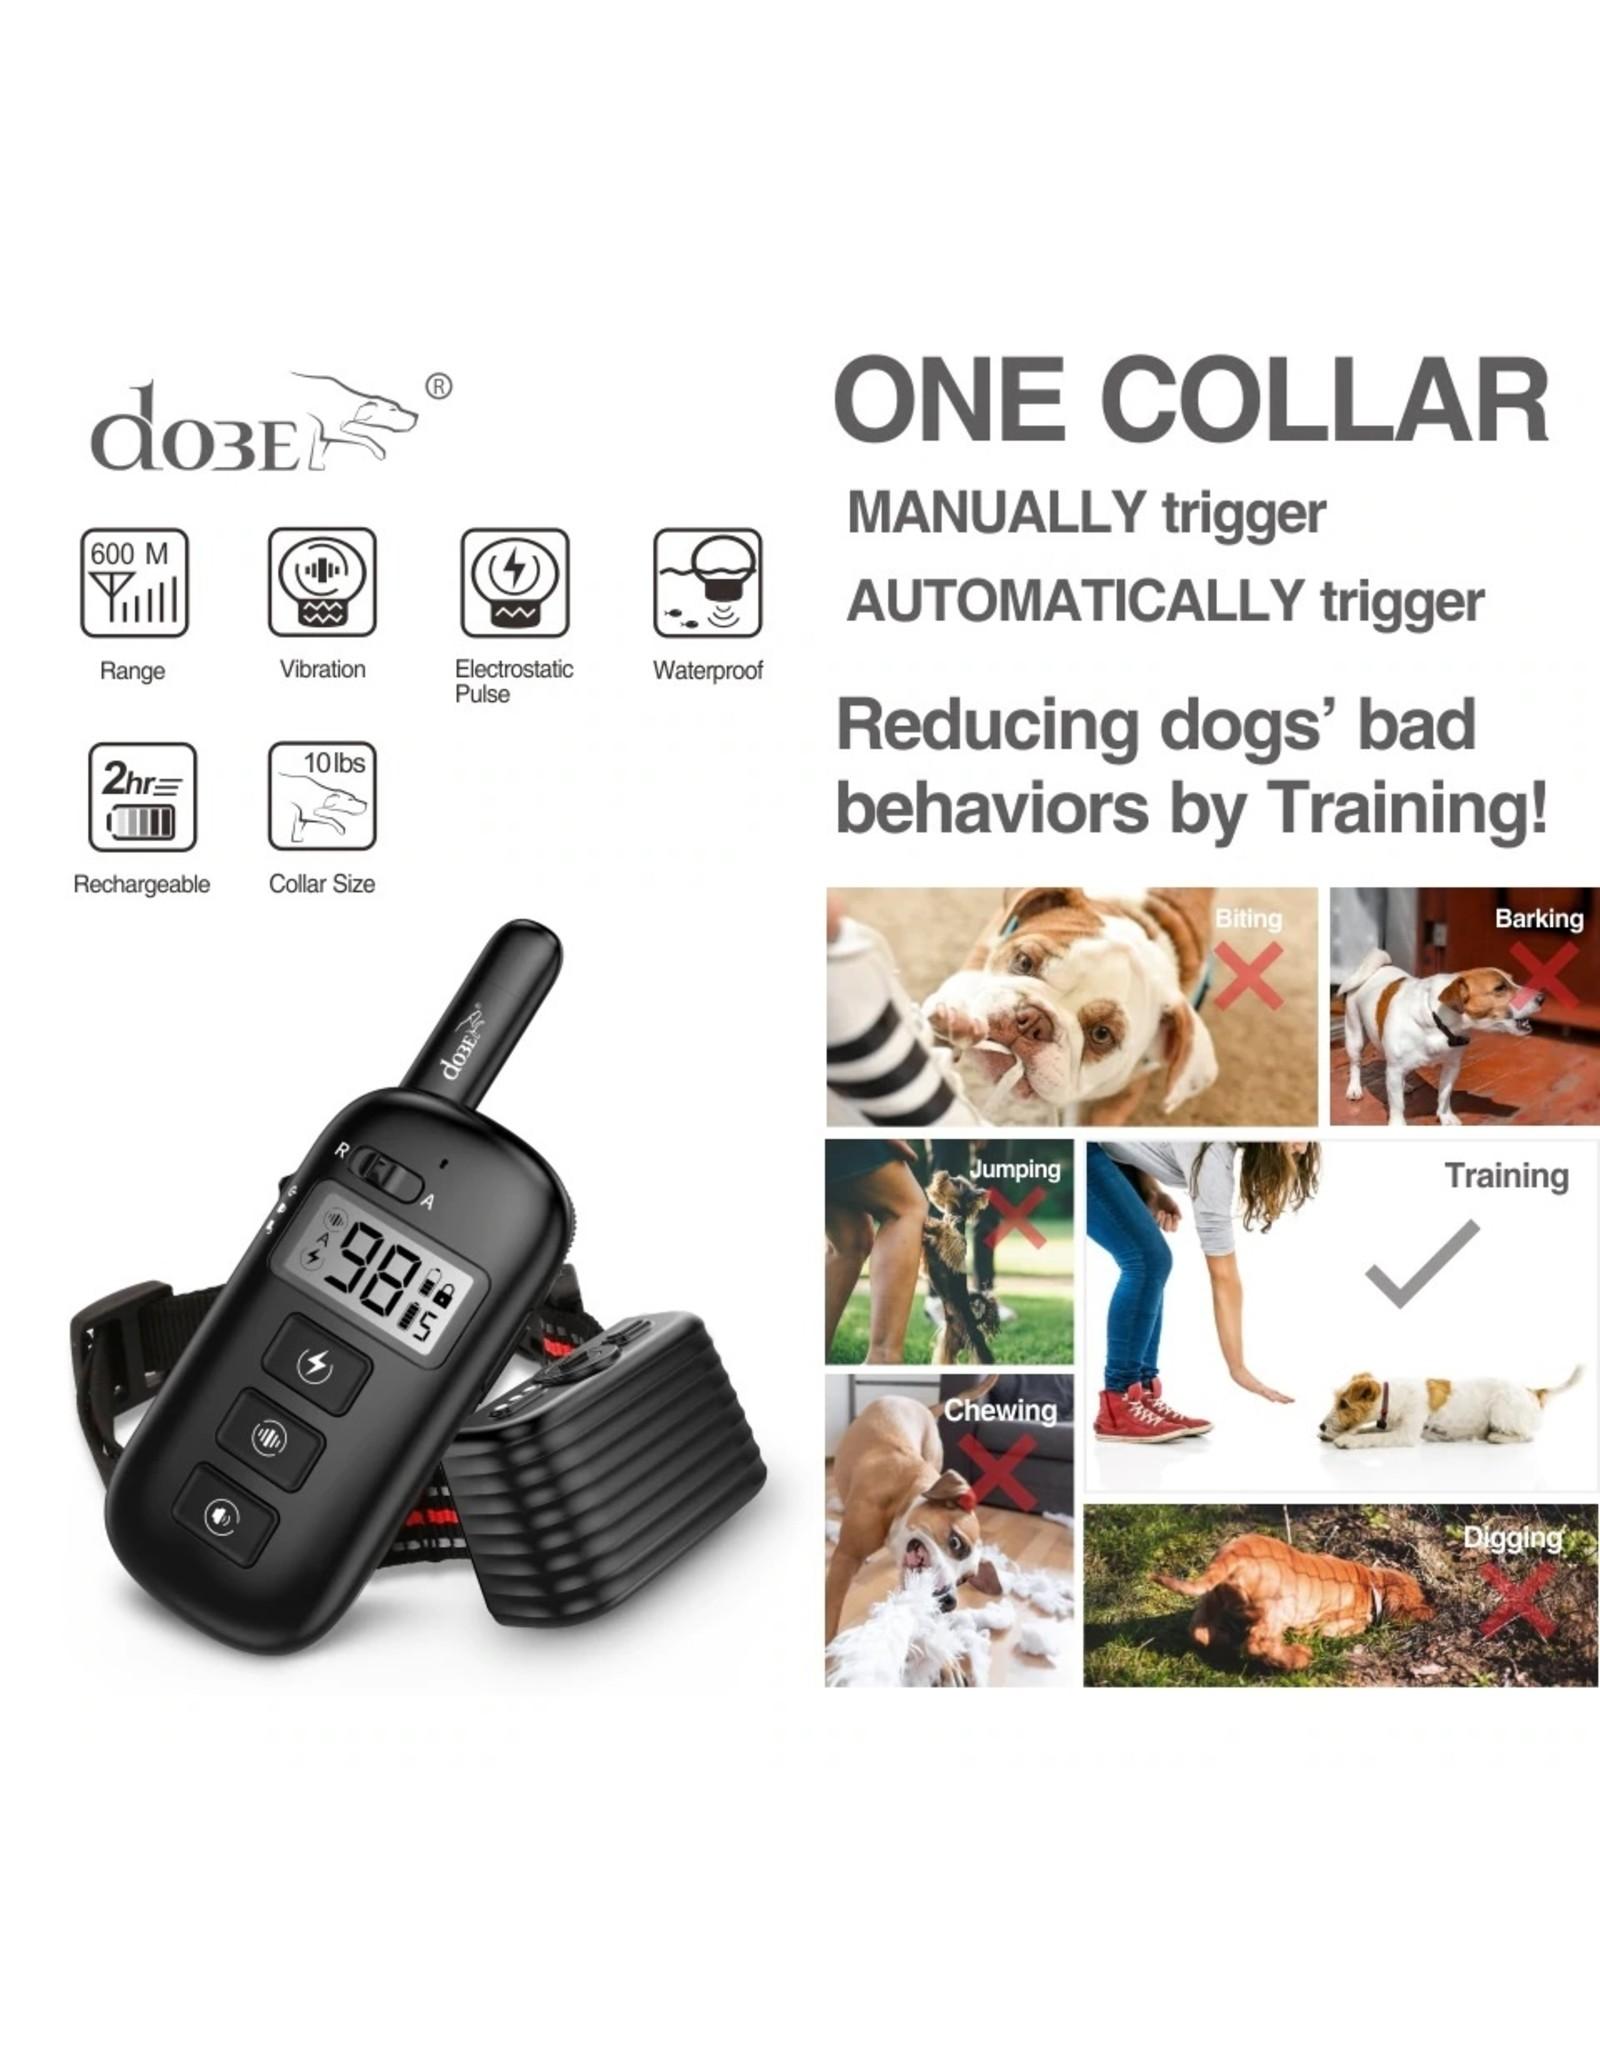 Oplaadbare elektrische halsband - Op afstand bedienbare halsband voor hondentraining - 600M Waterdichte halsband voor honden met afstandsbediening voor 1 hond